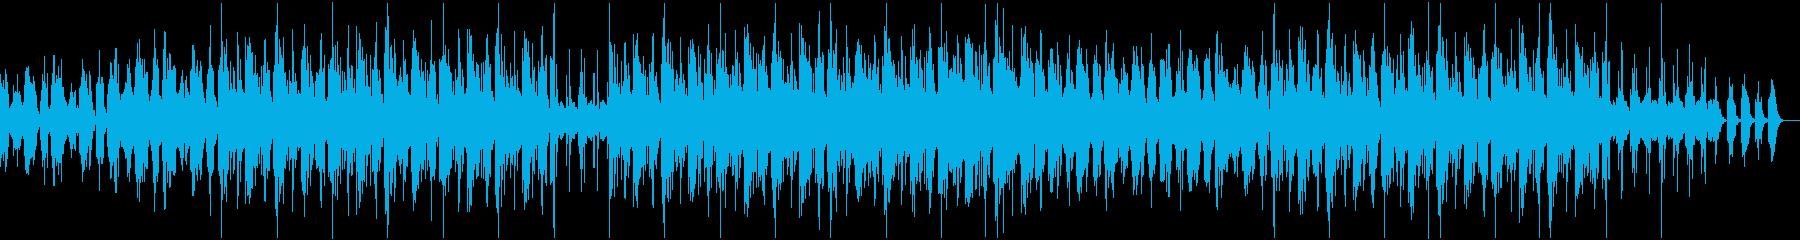 アンダーグラウンドでチルテイストなBGMの再生済みの波形